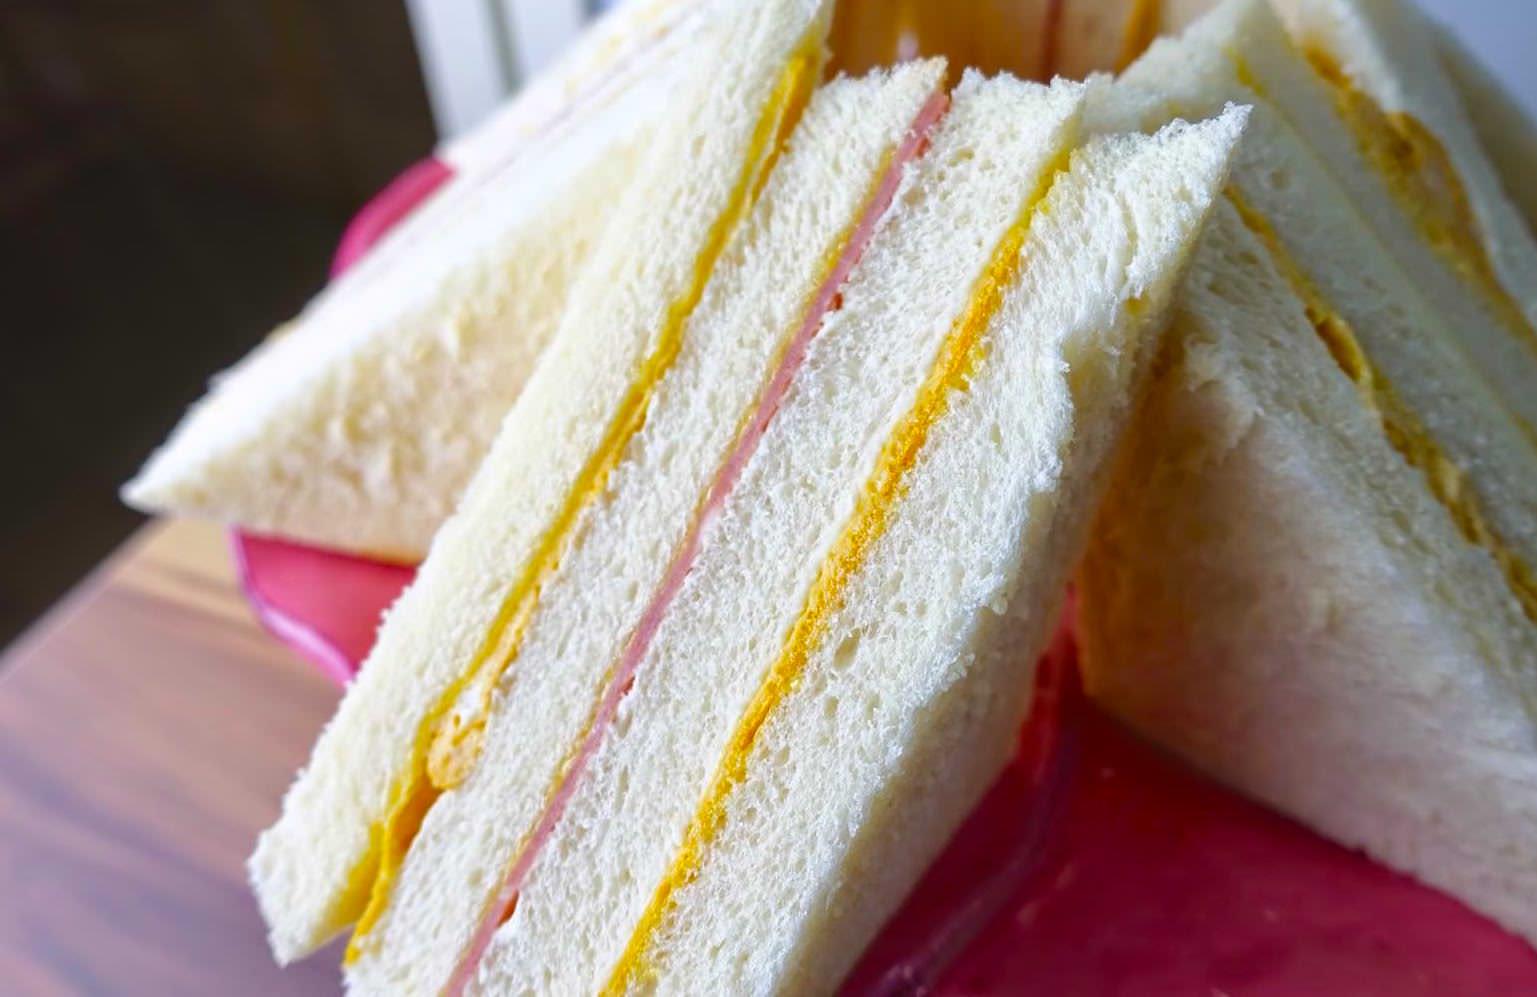 「團購美食洪瑞珍三明治在家怎麼做?」綿滑的口感是因為多了這一個技巧,學起來在家自己做!